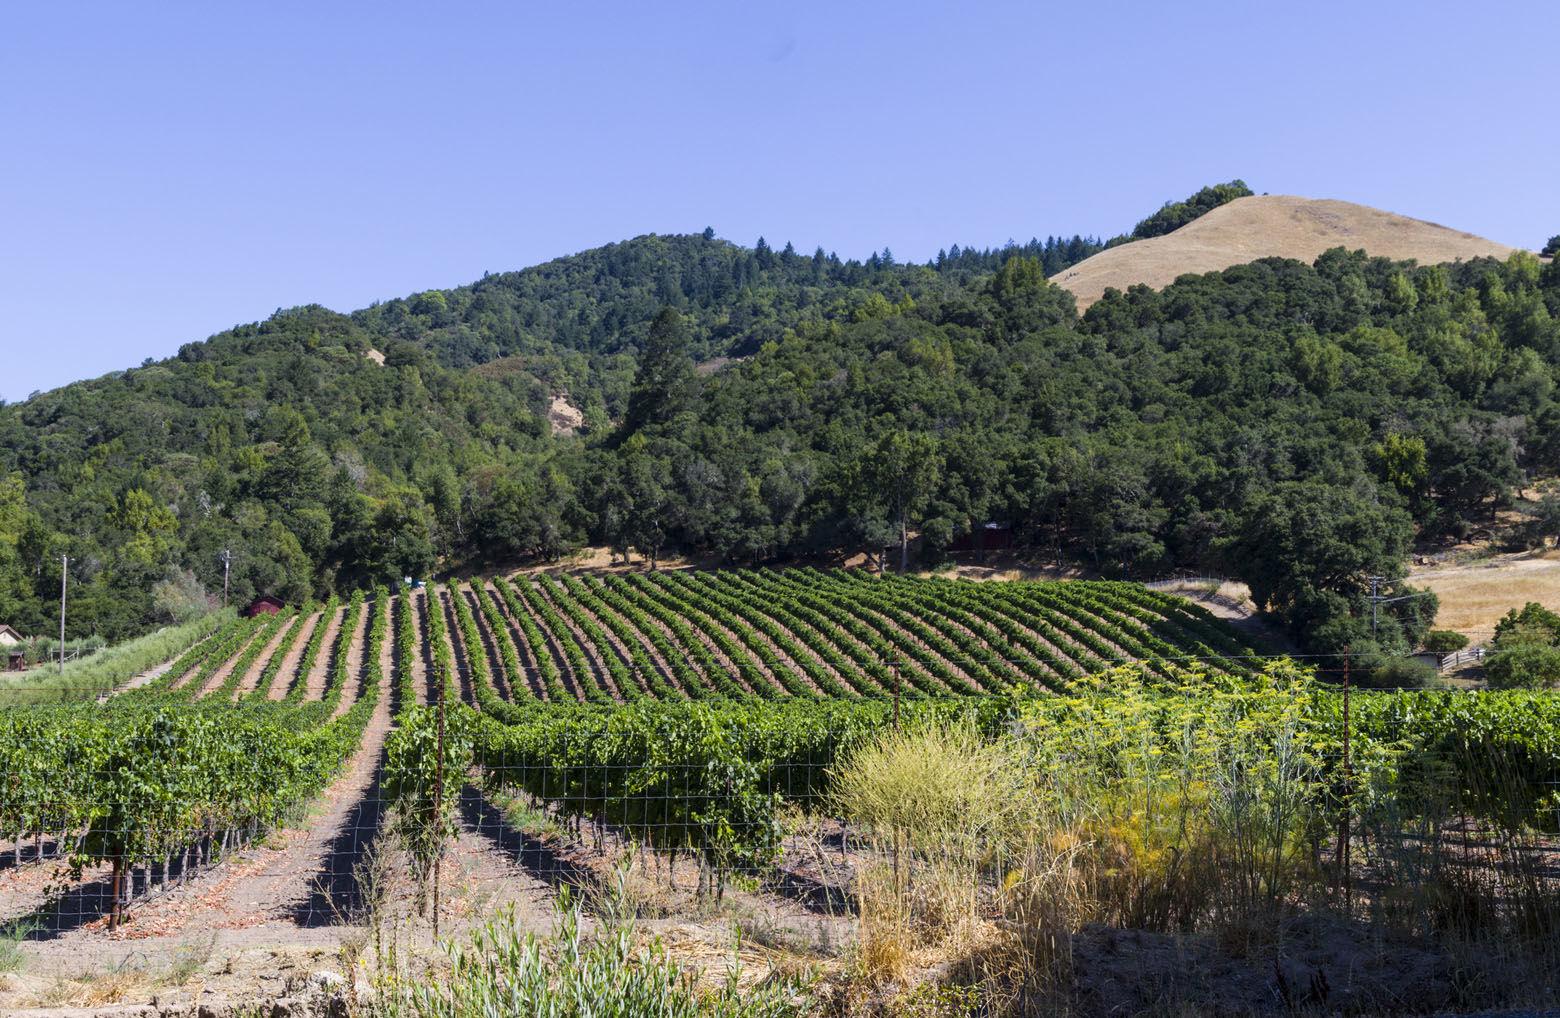 Vineyard outside Santa Rosa California